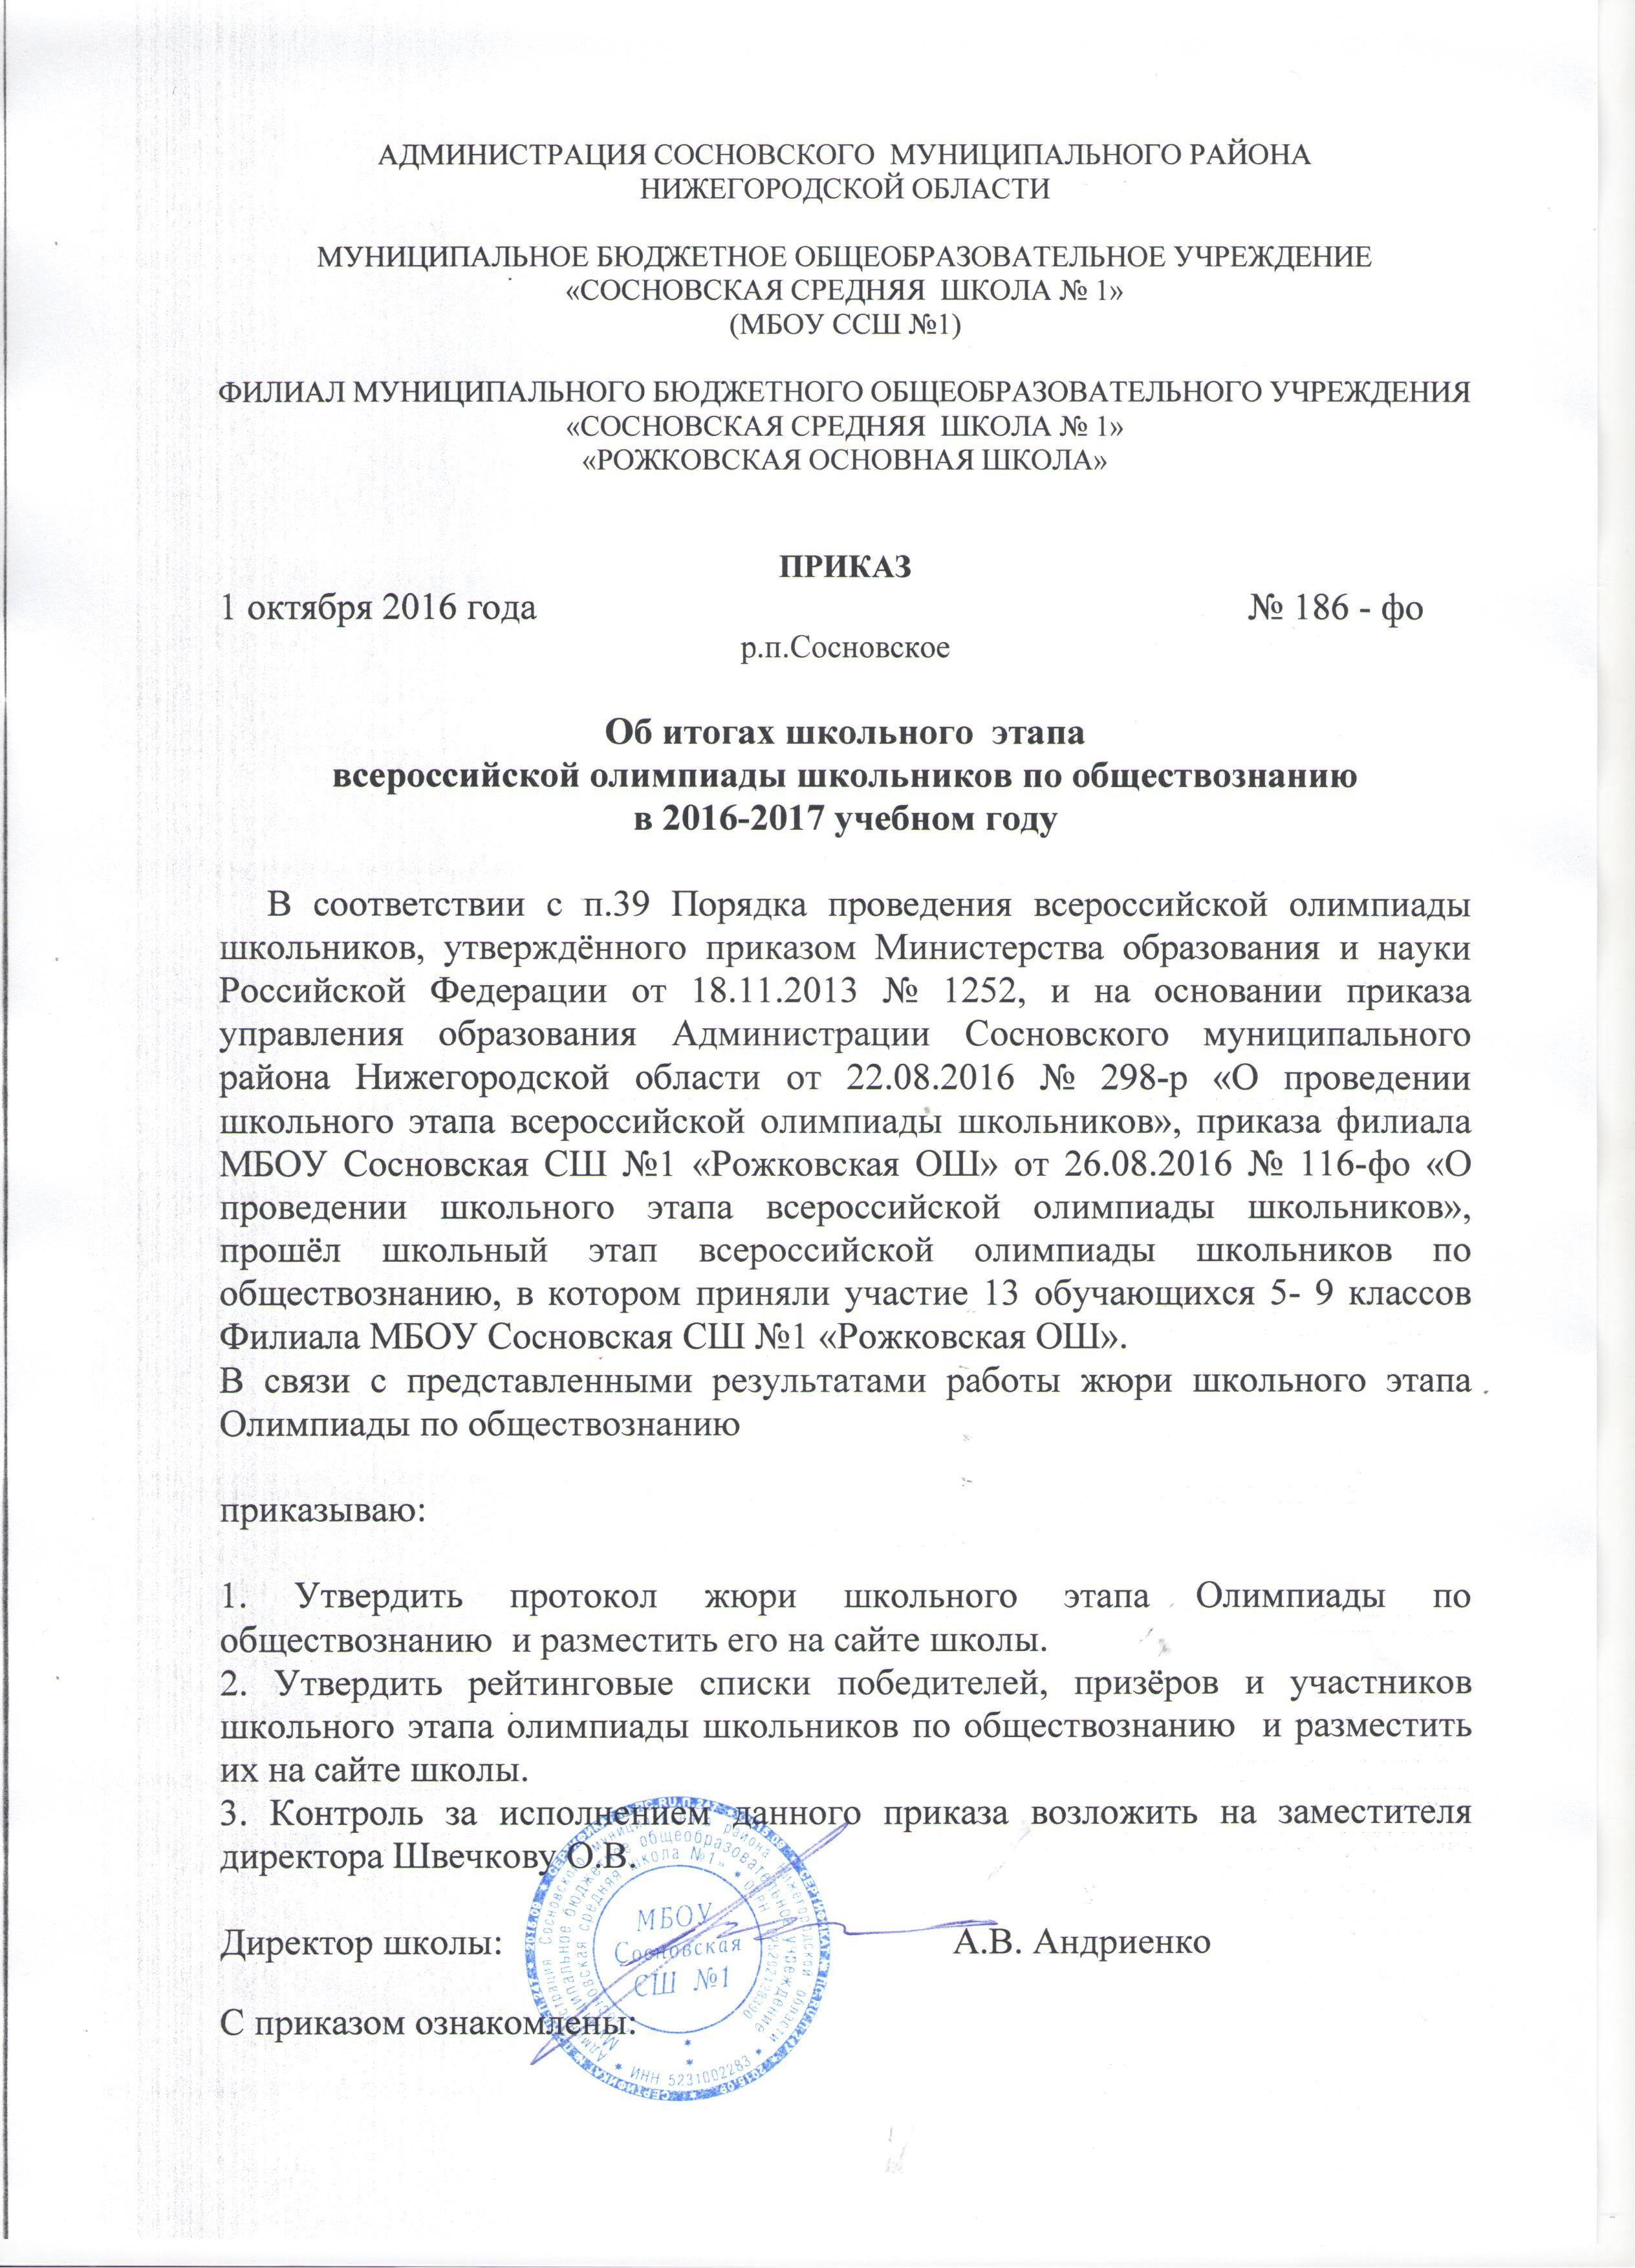 Гдз по русскому языку 6 класс баранов ладыженская тростенцова спиши.ру